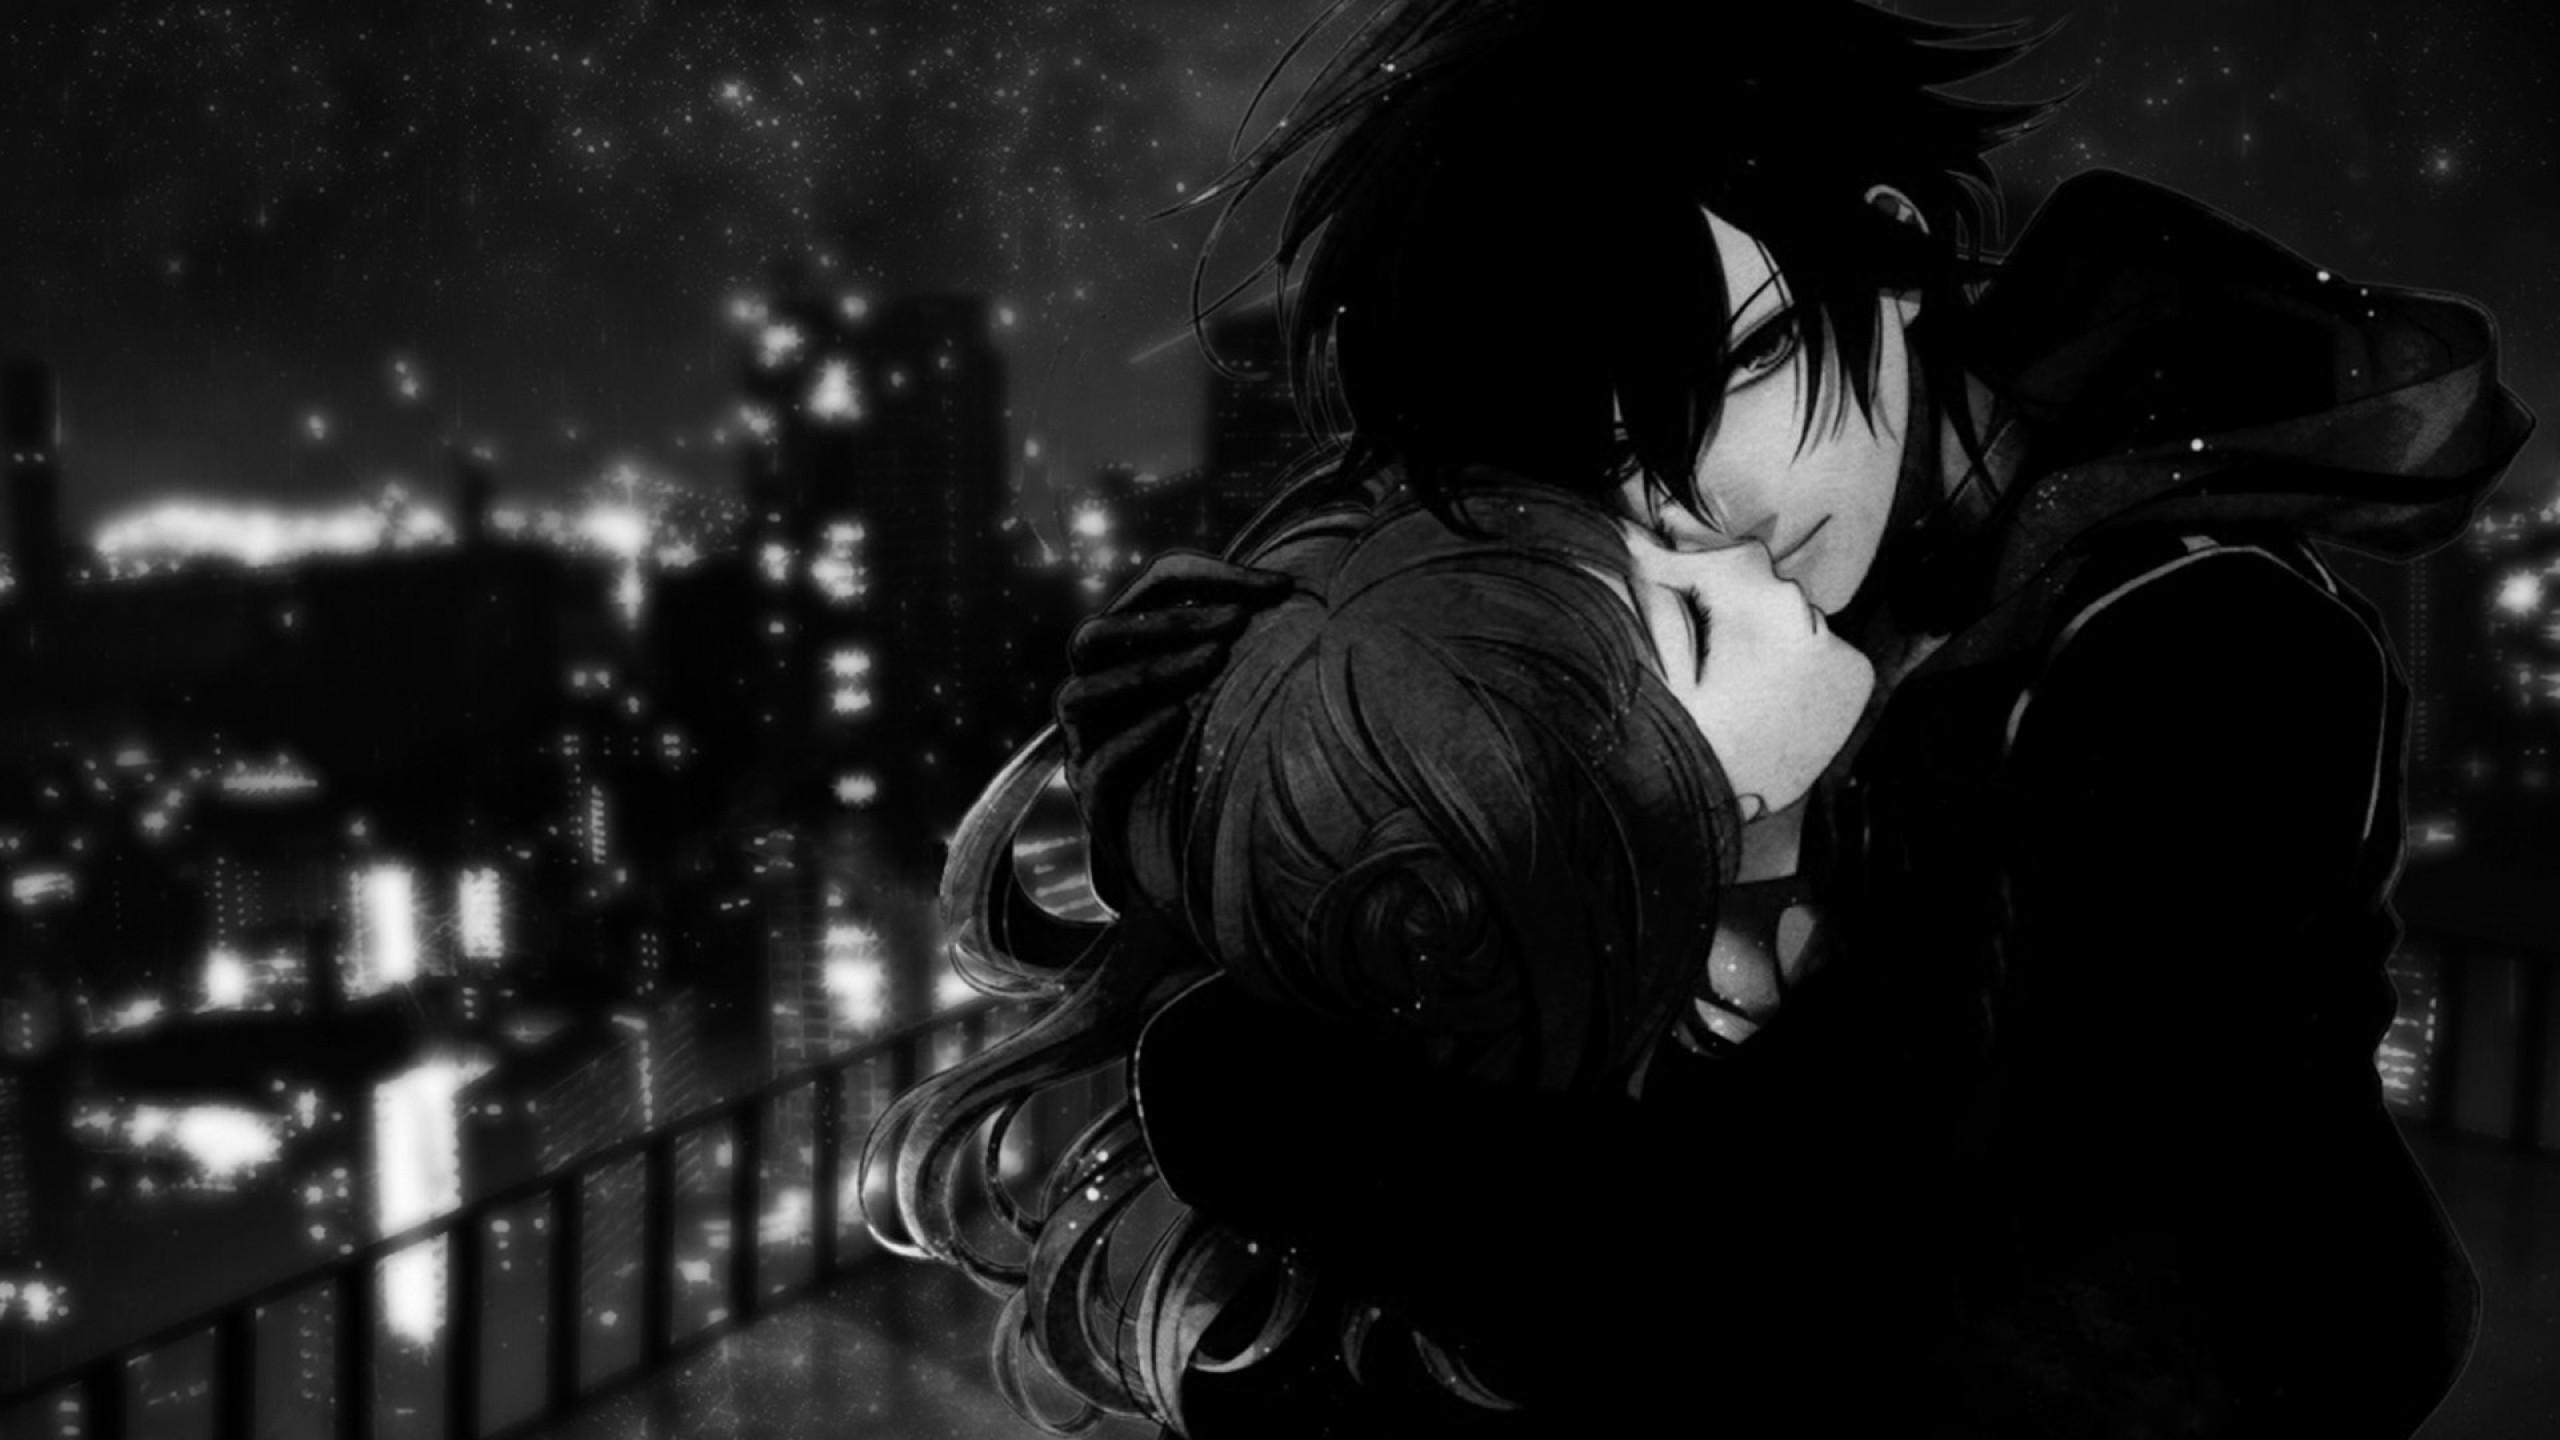 2560x1440, Black White Anime Love Picture 7454 Wallpaper - Anime Couple Wallpaper For Pc - HD Wallpaper